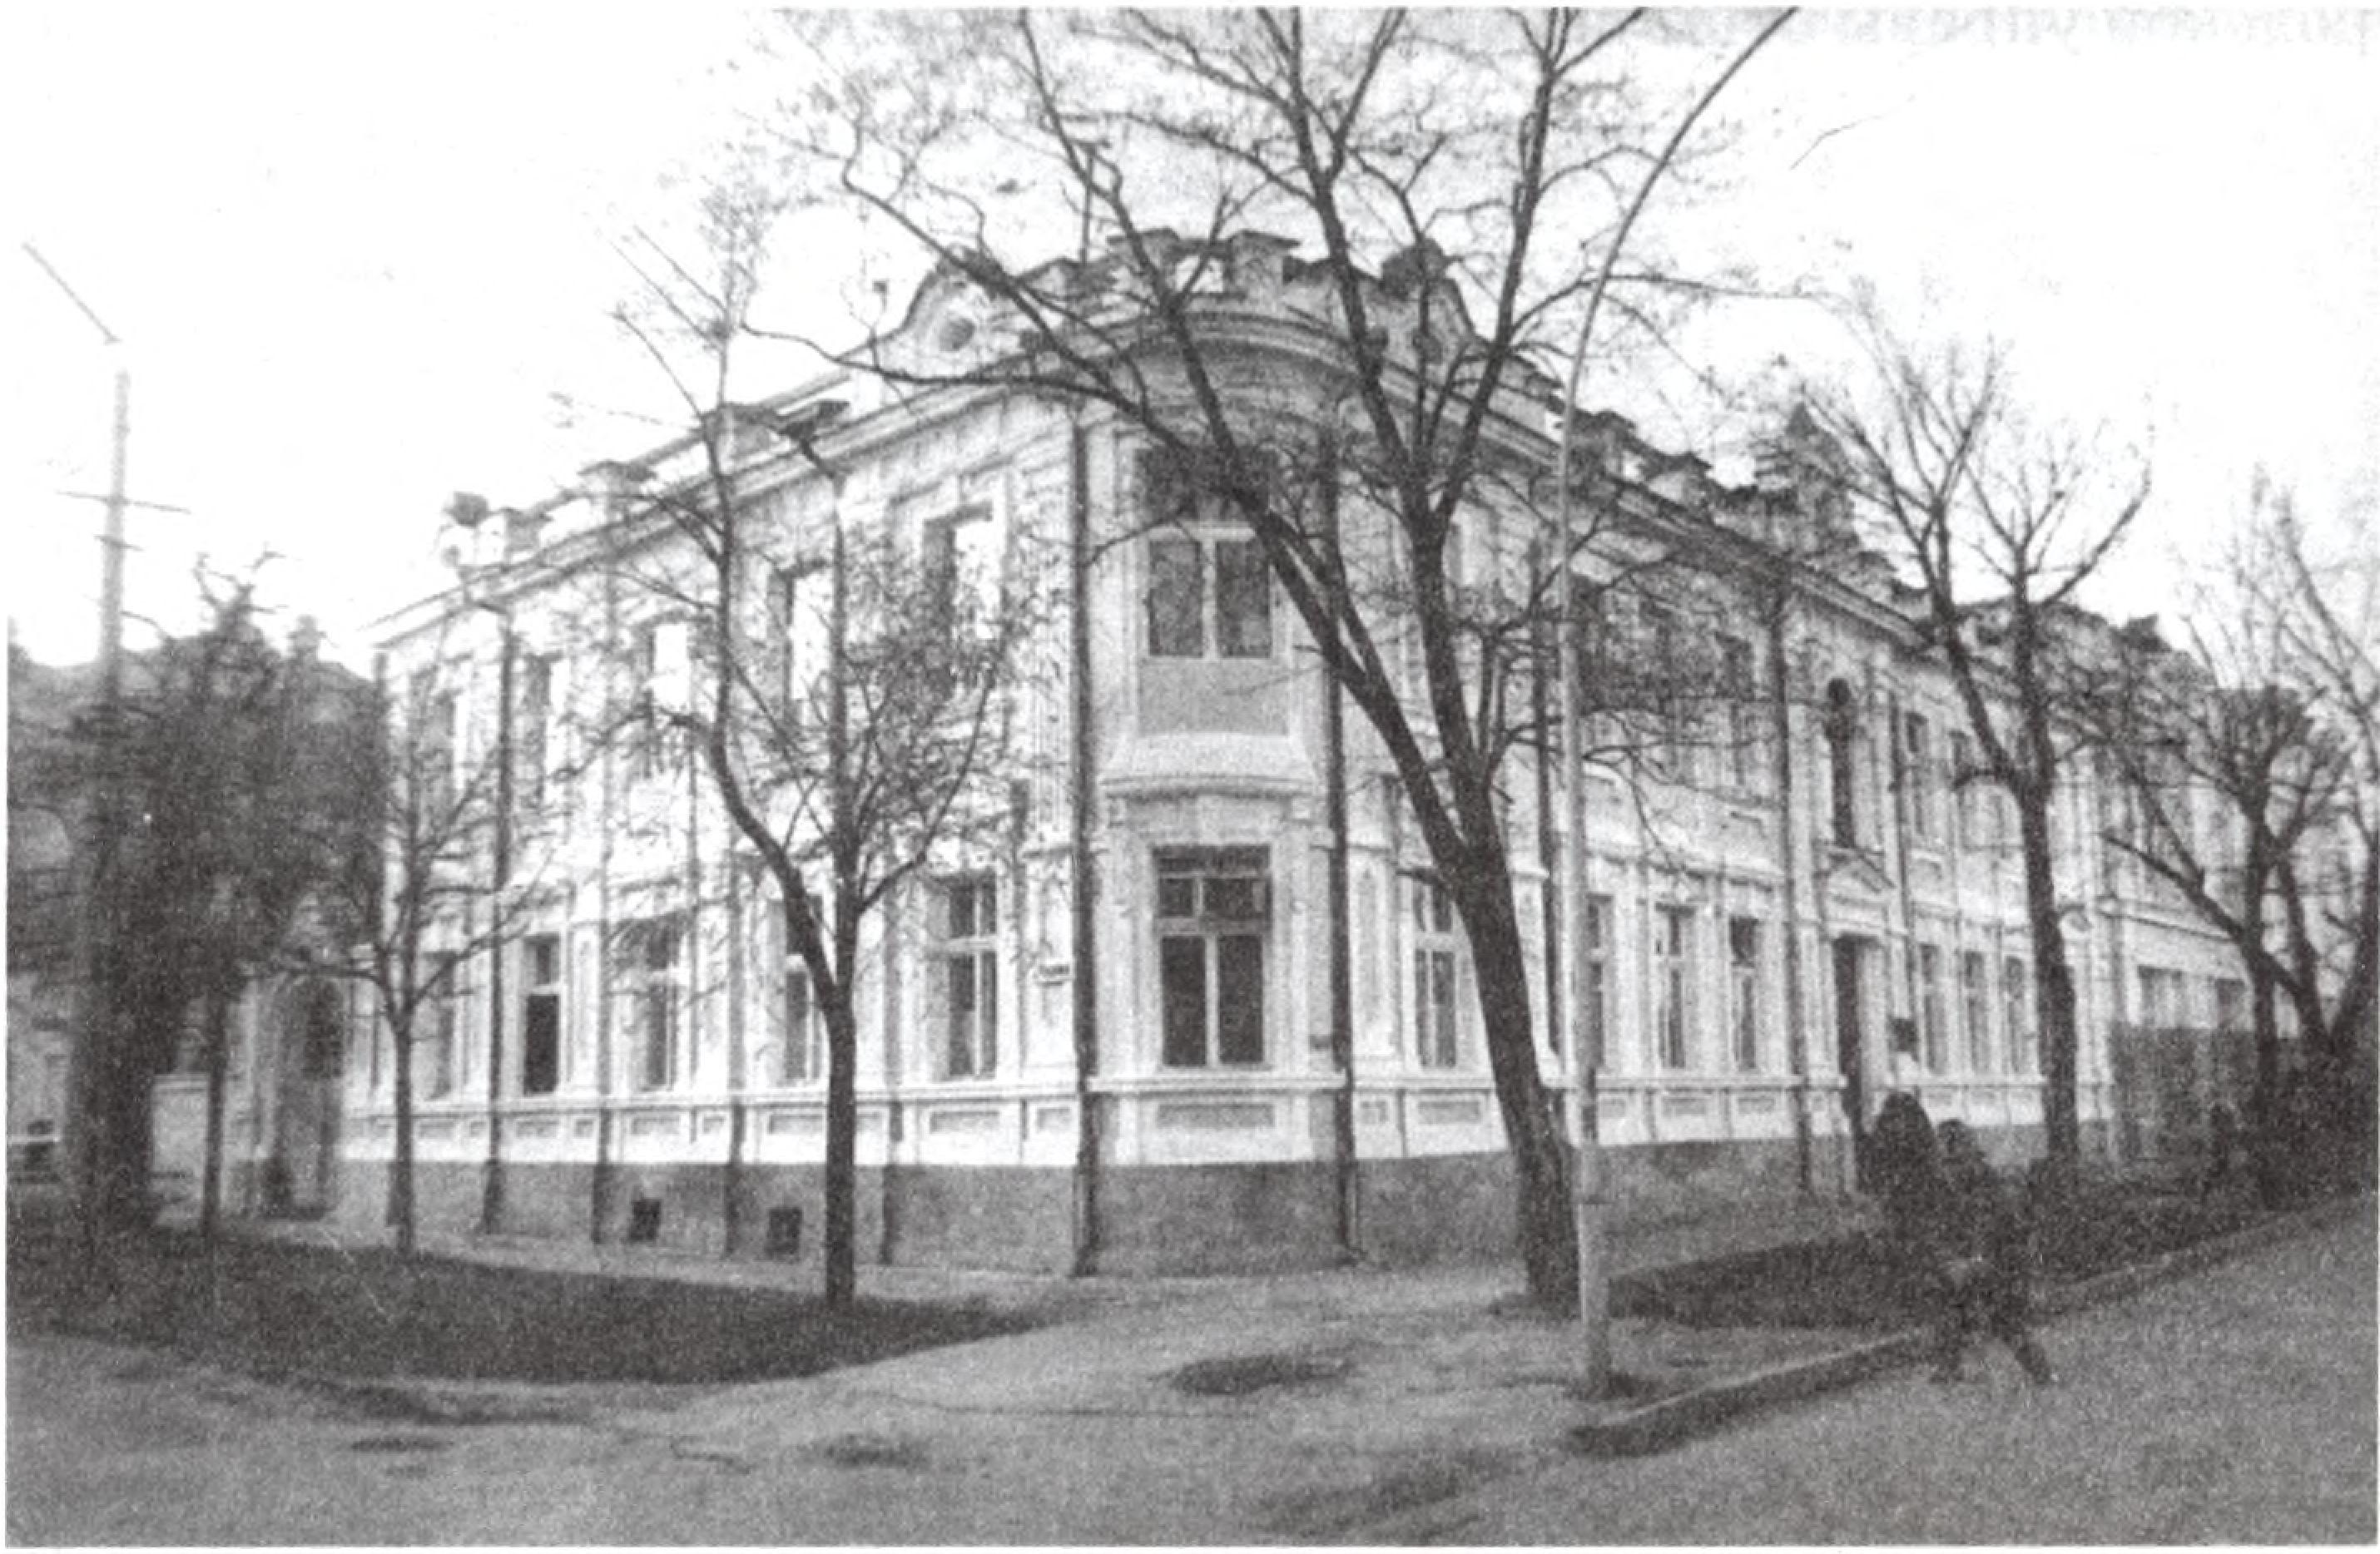 Дом Н.П. Кафаджи. Архитектор А.Л. Генрих. 1908 г.